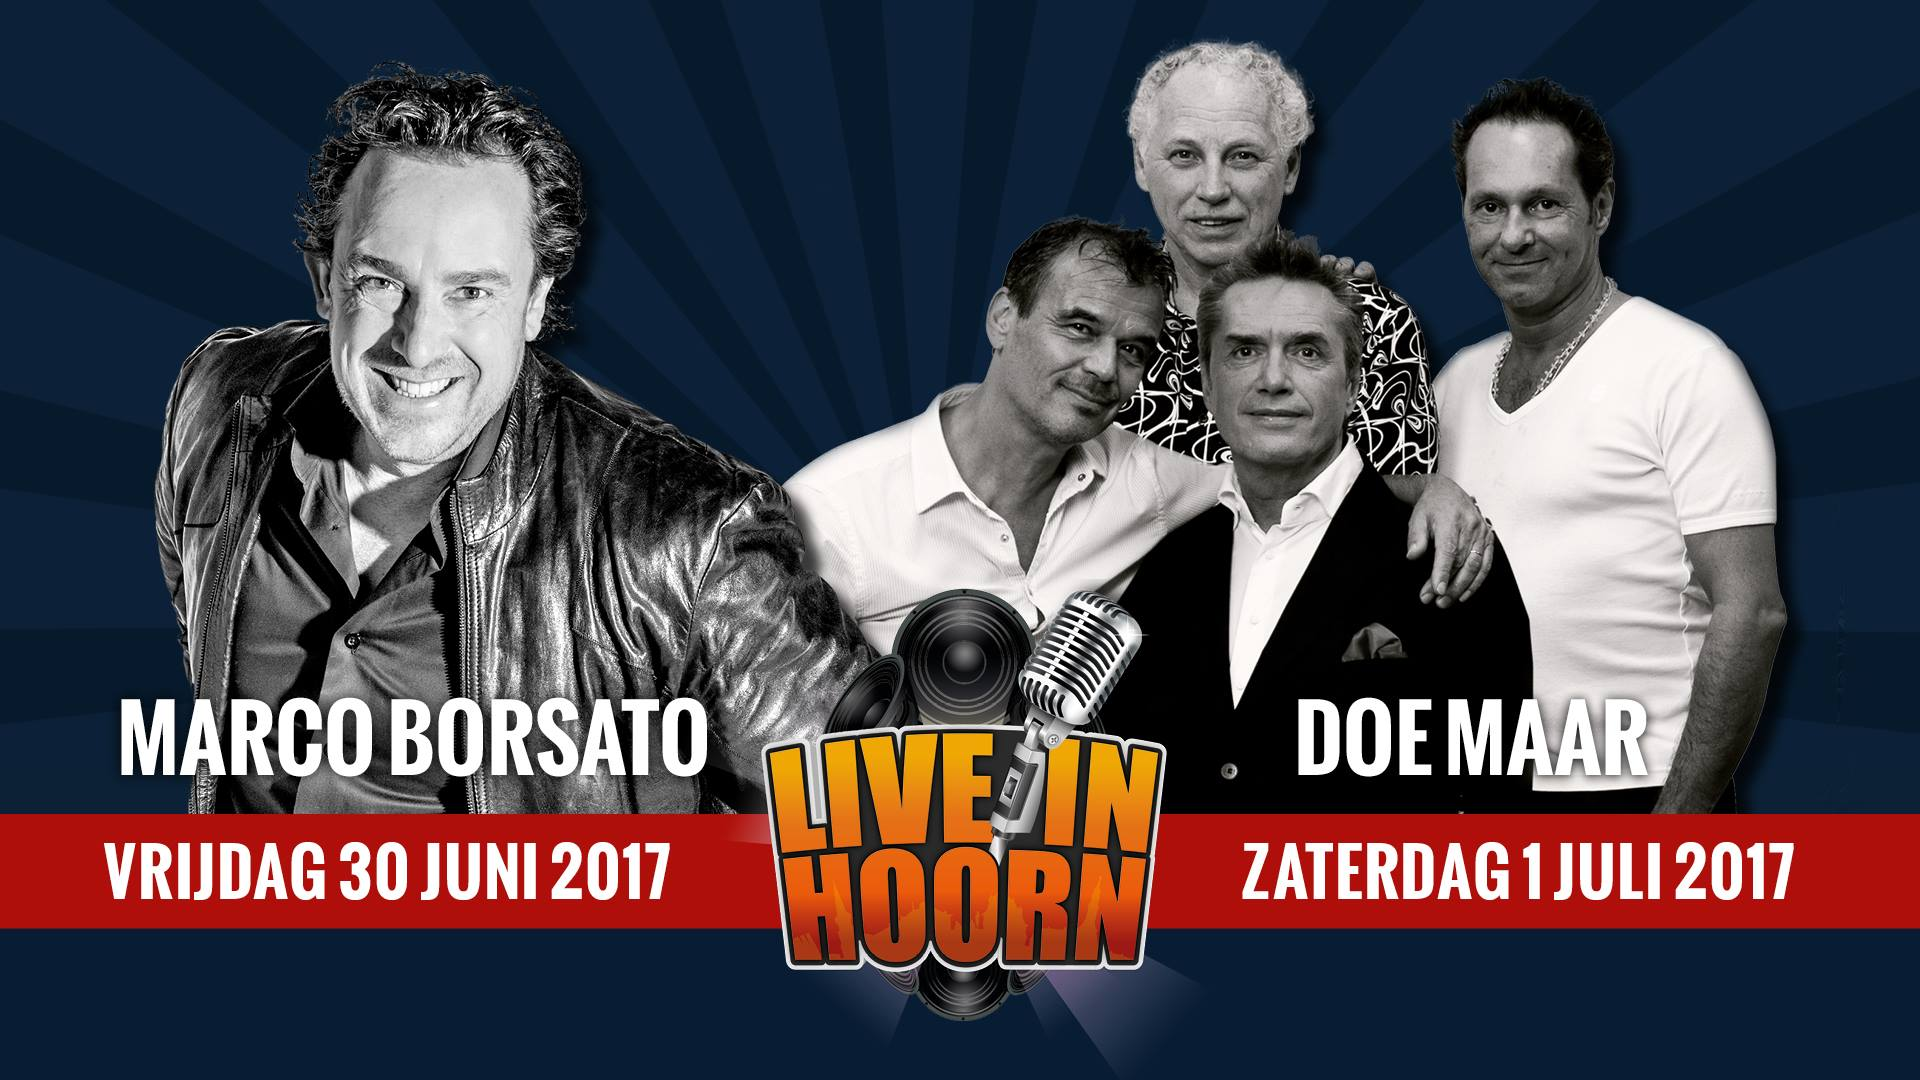 Marco Borsato en Doe Maar naar Live in Hoorn 2017